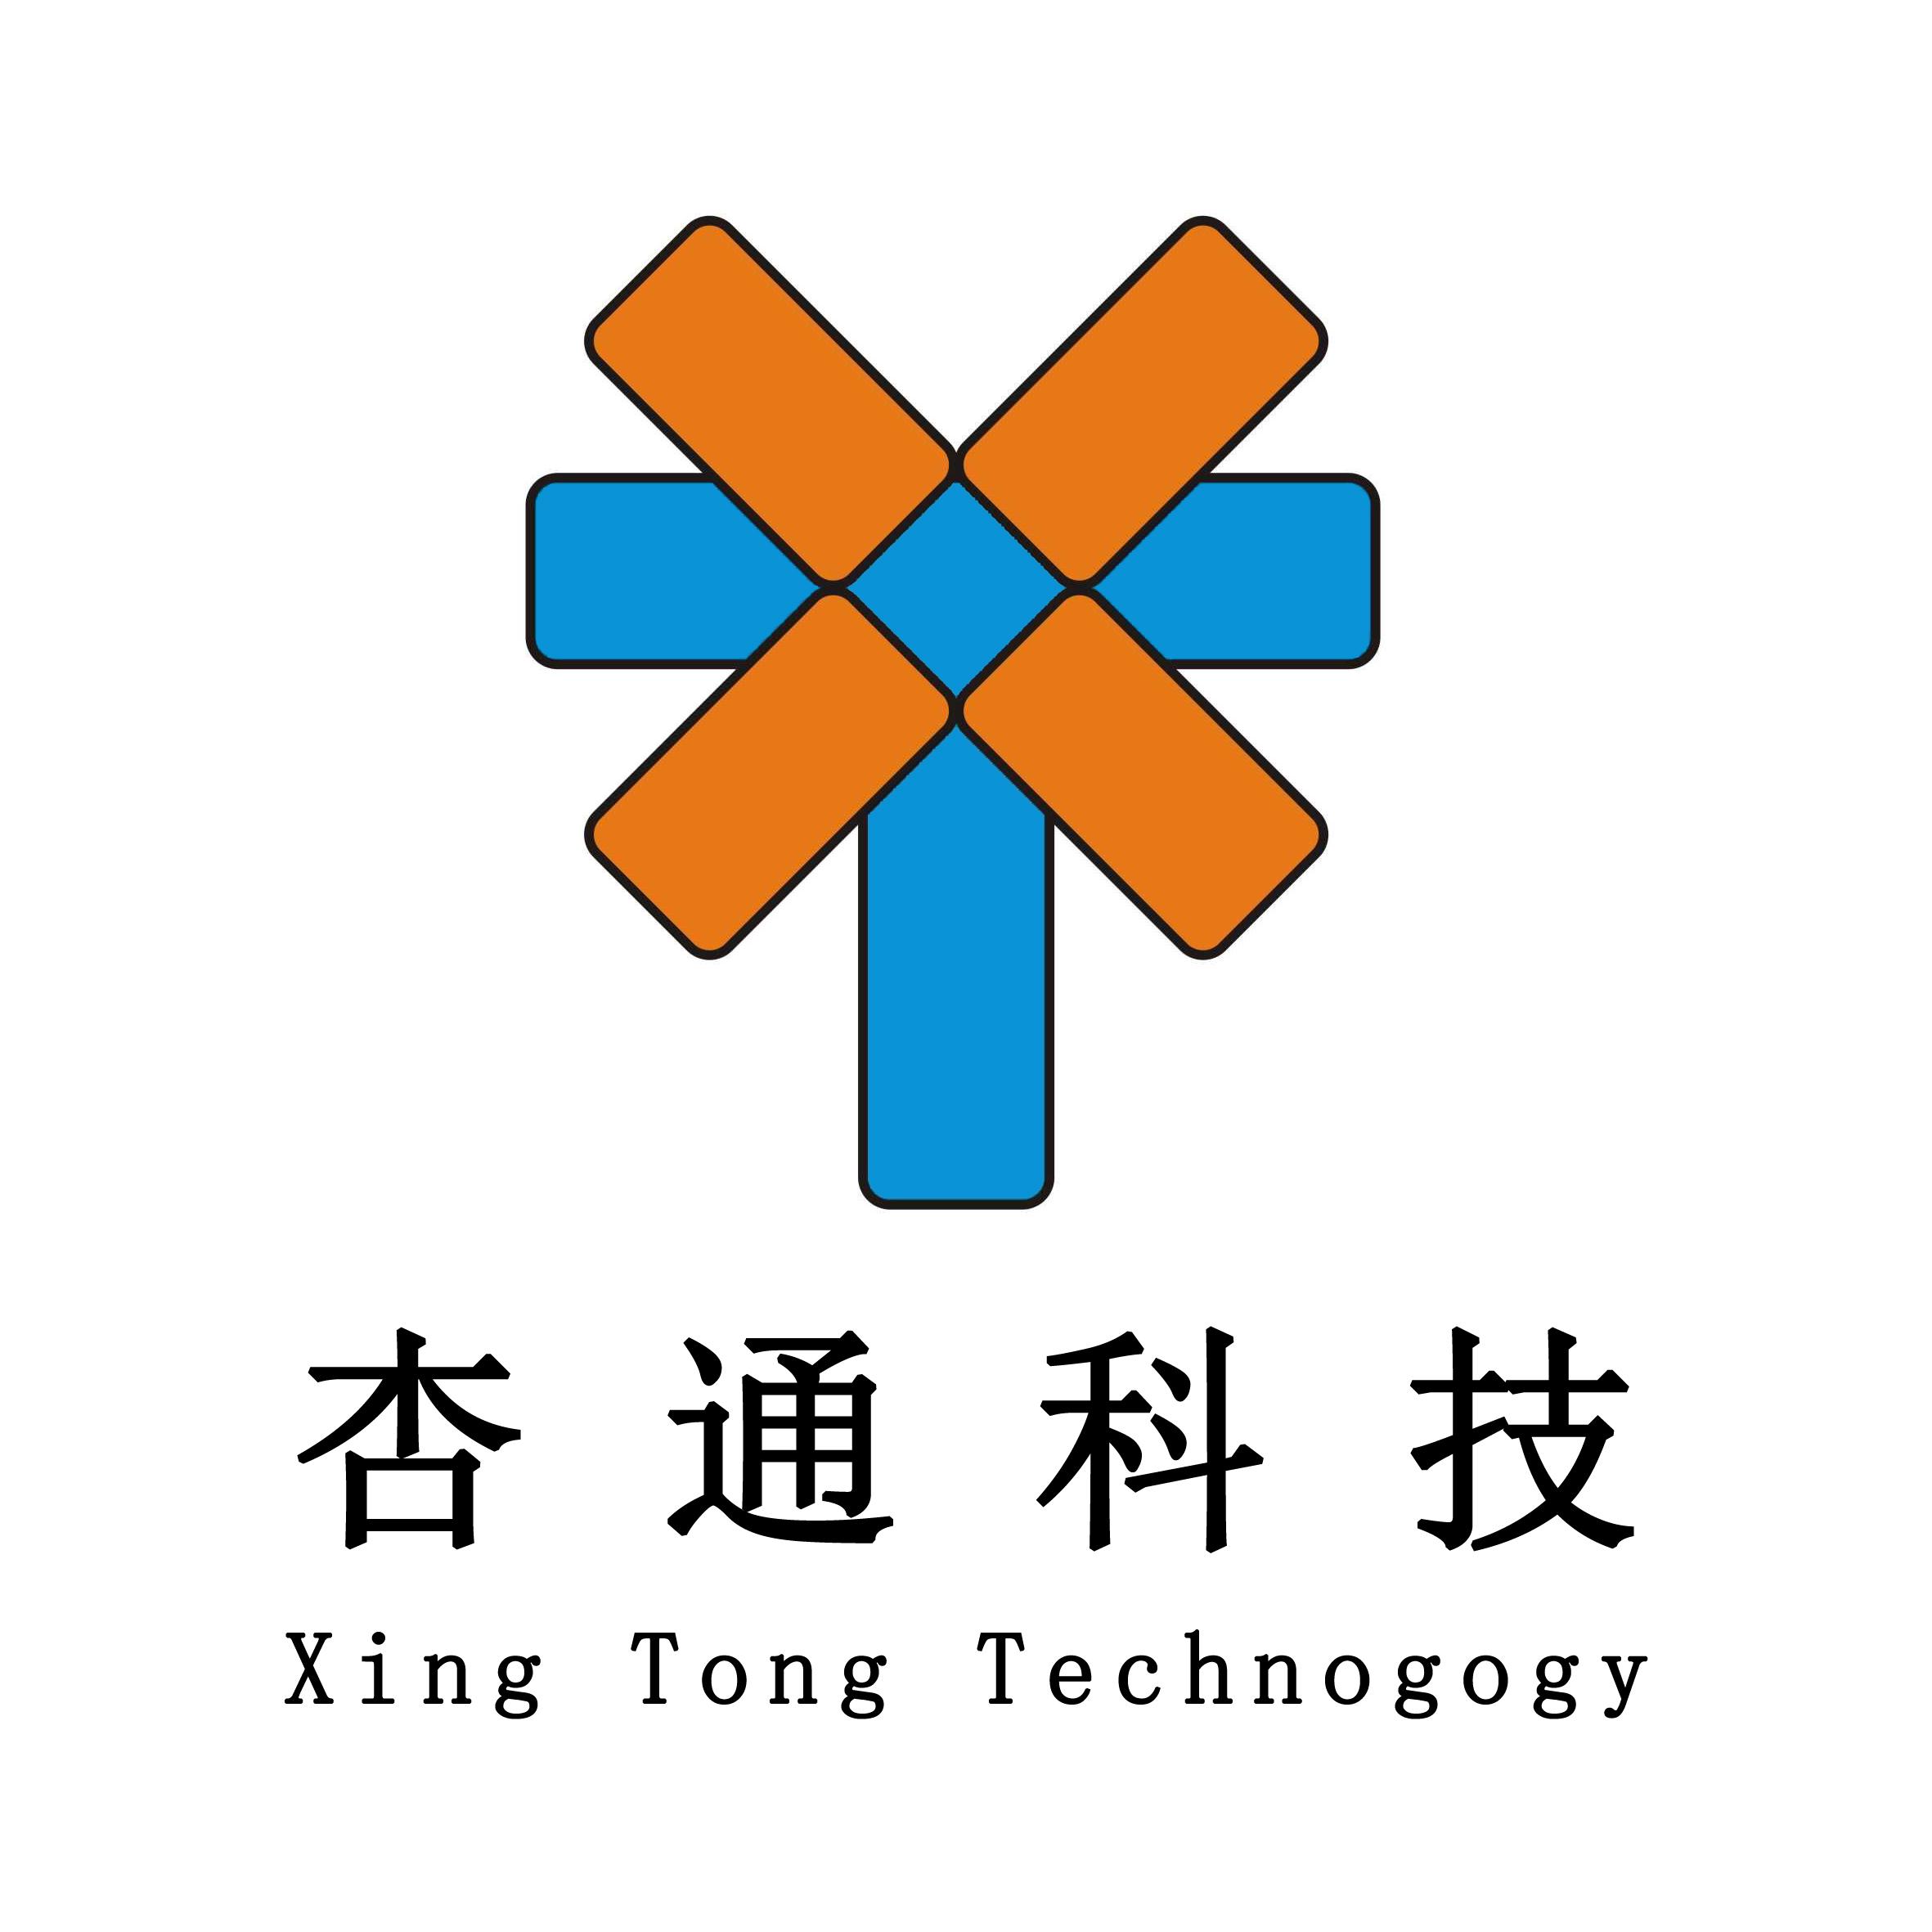 廣州杏通科技有限公司